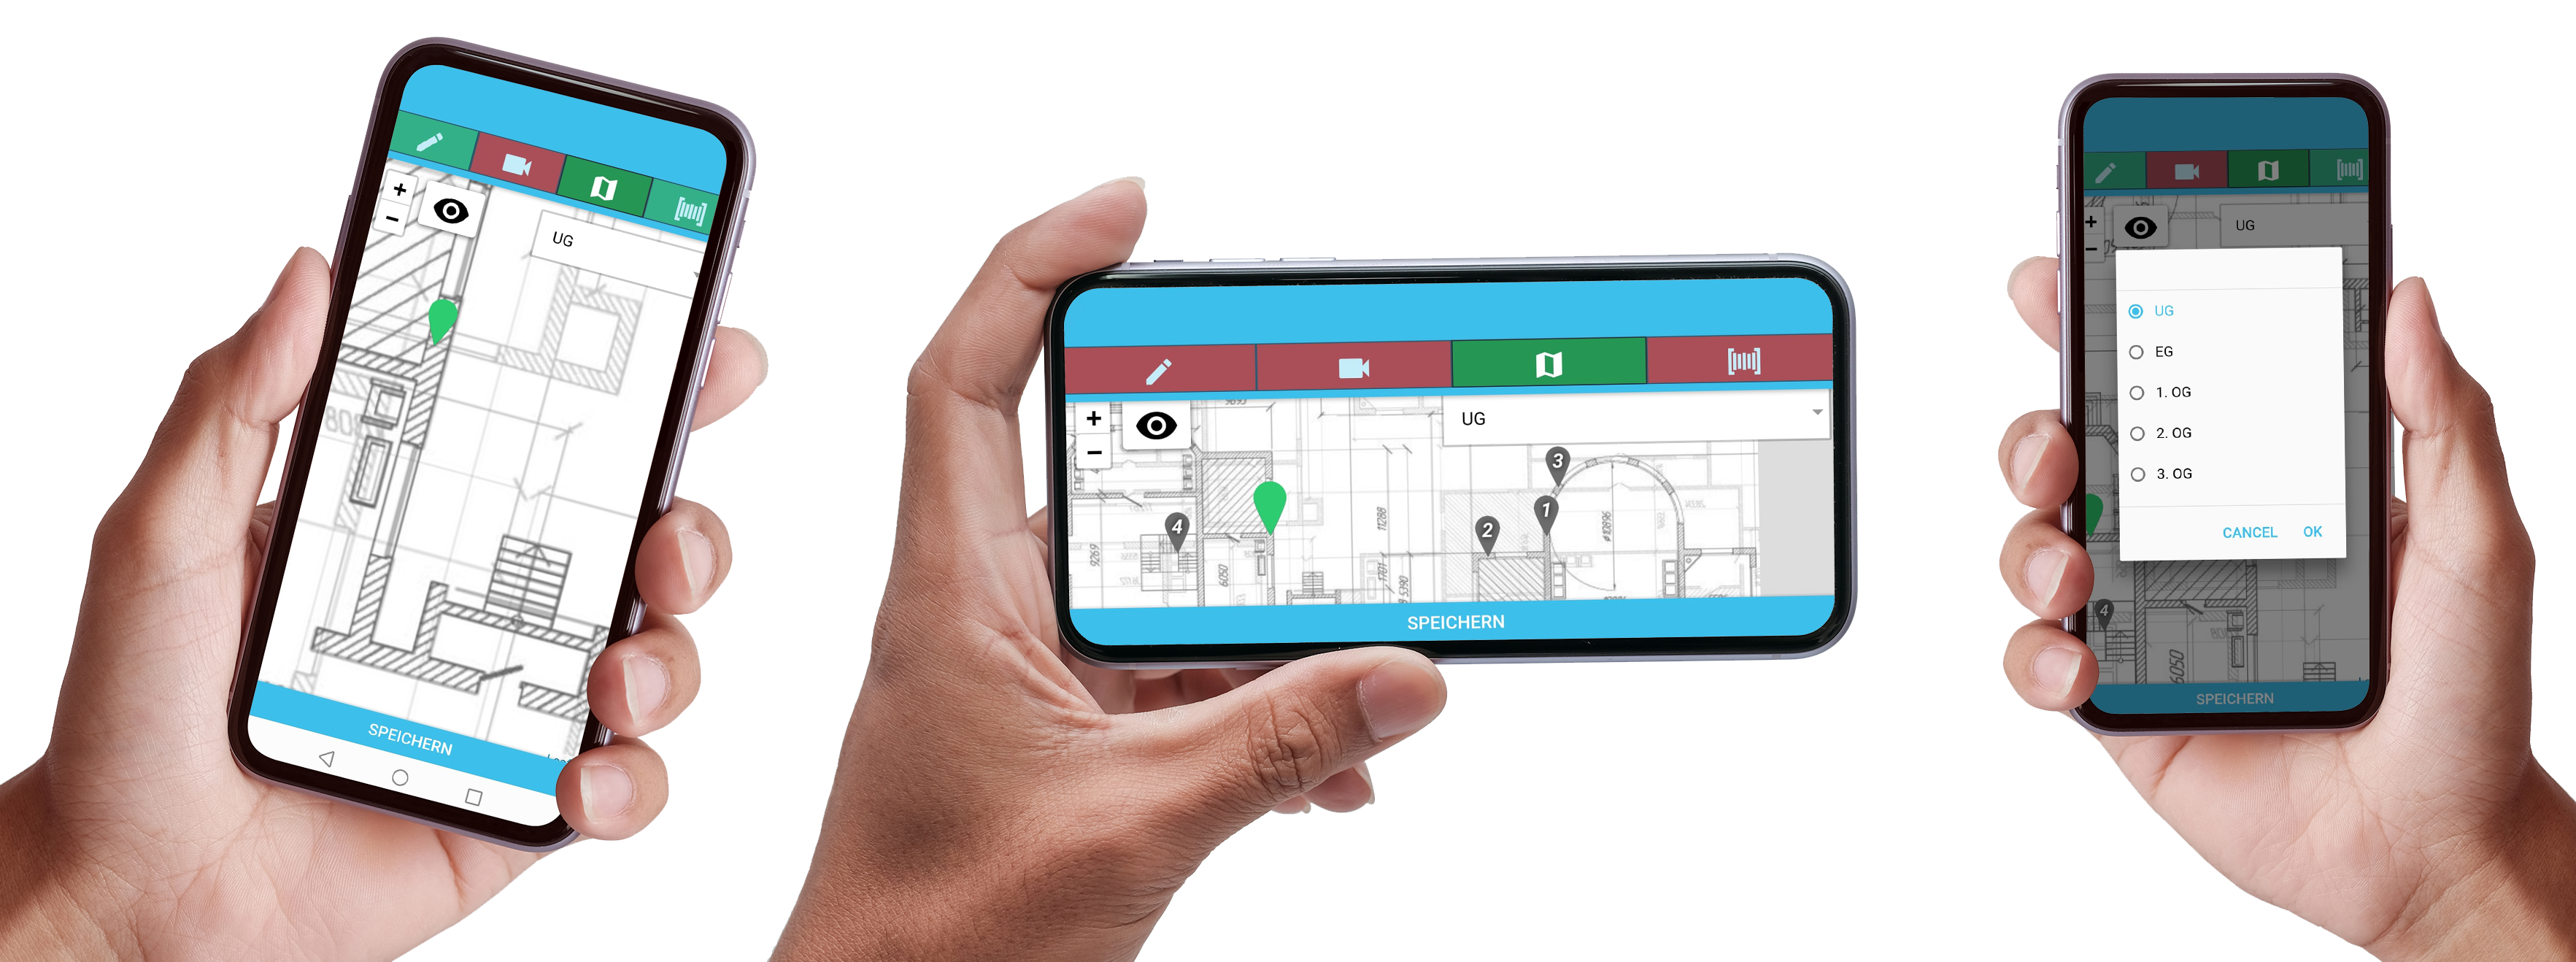 Mockup mit DokuPit Standorte von Tätigkeiten markieren